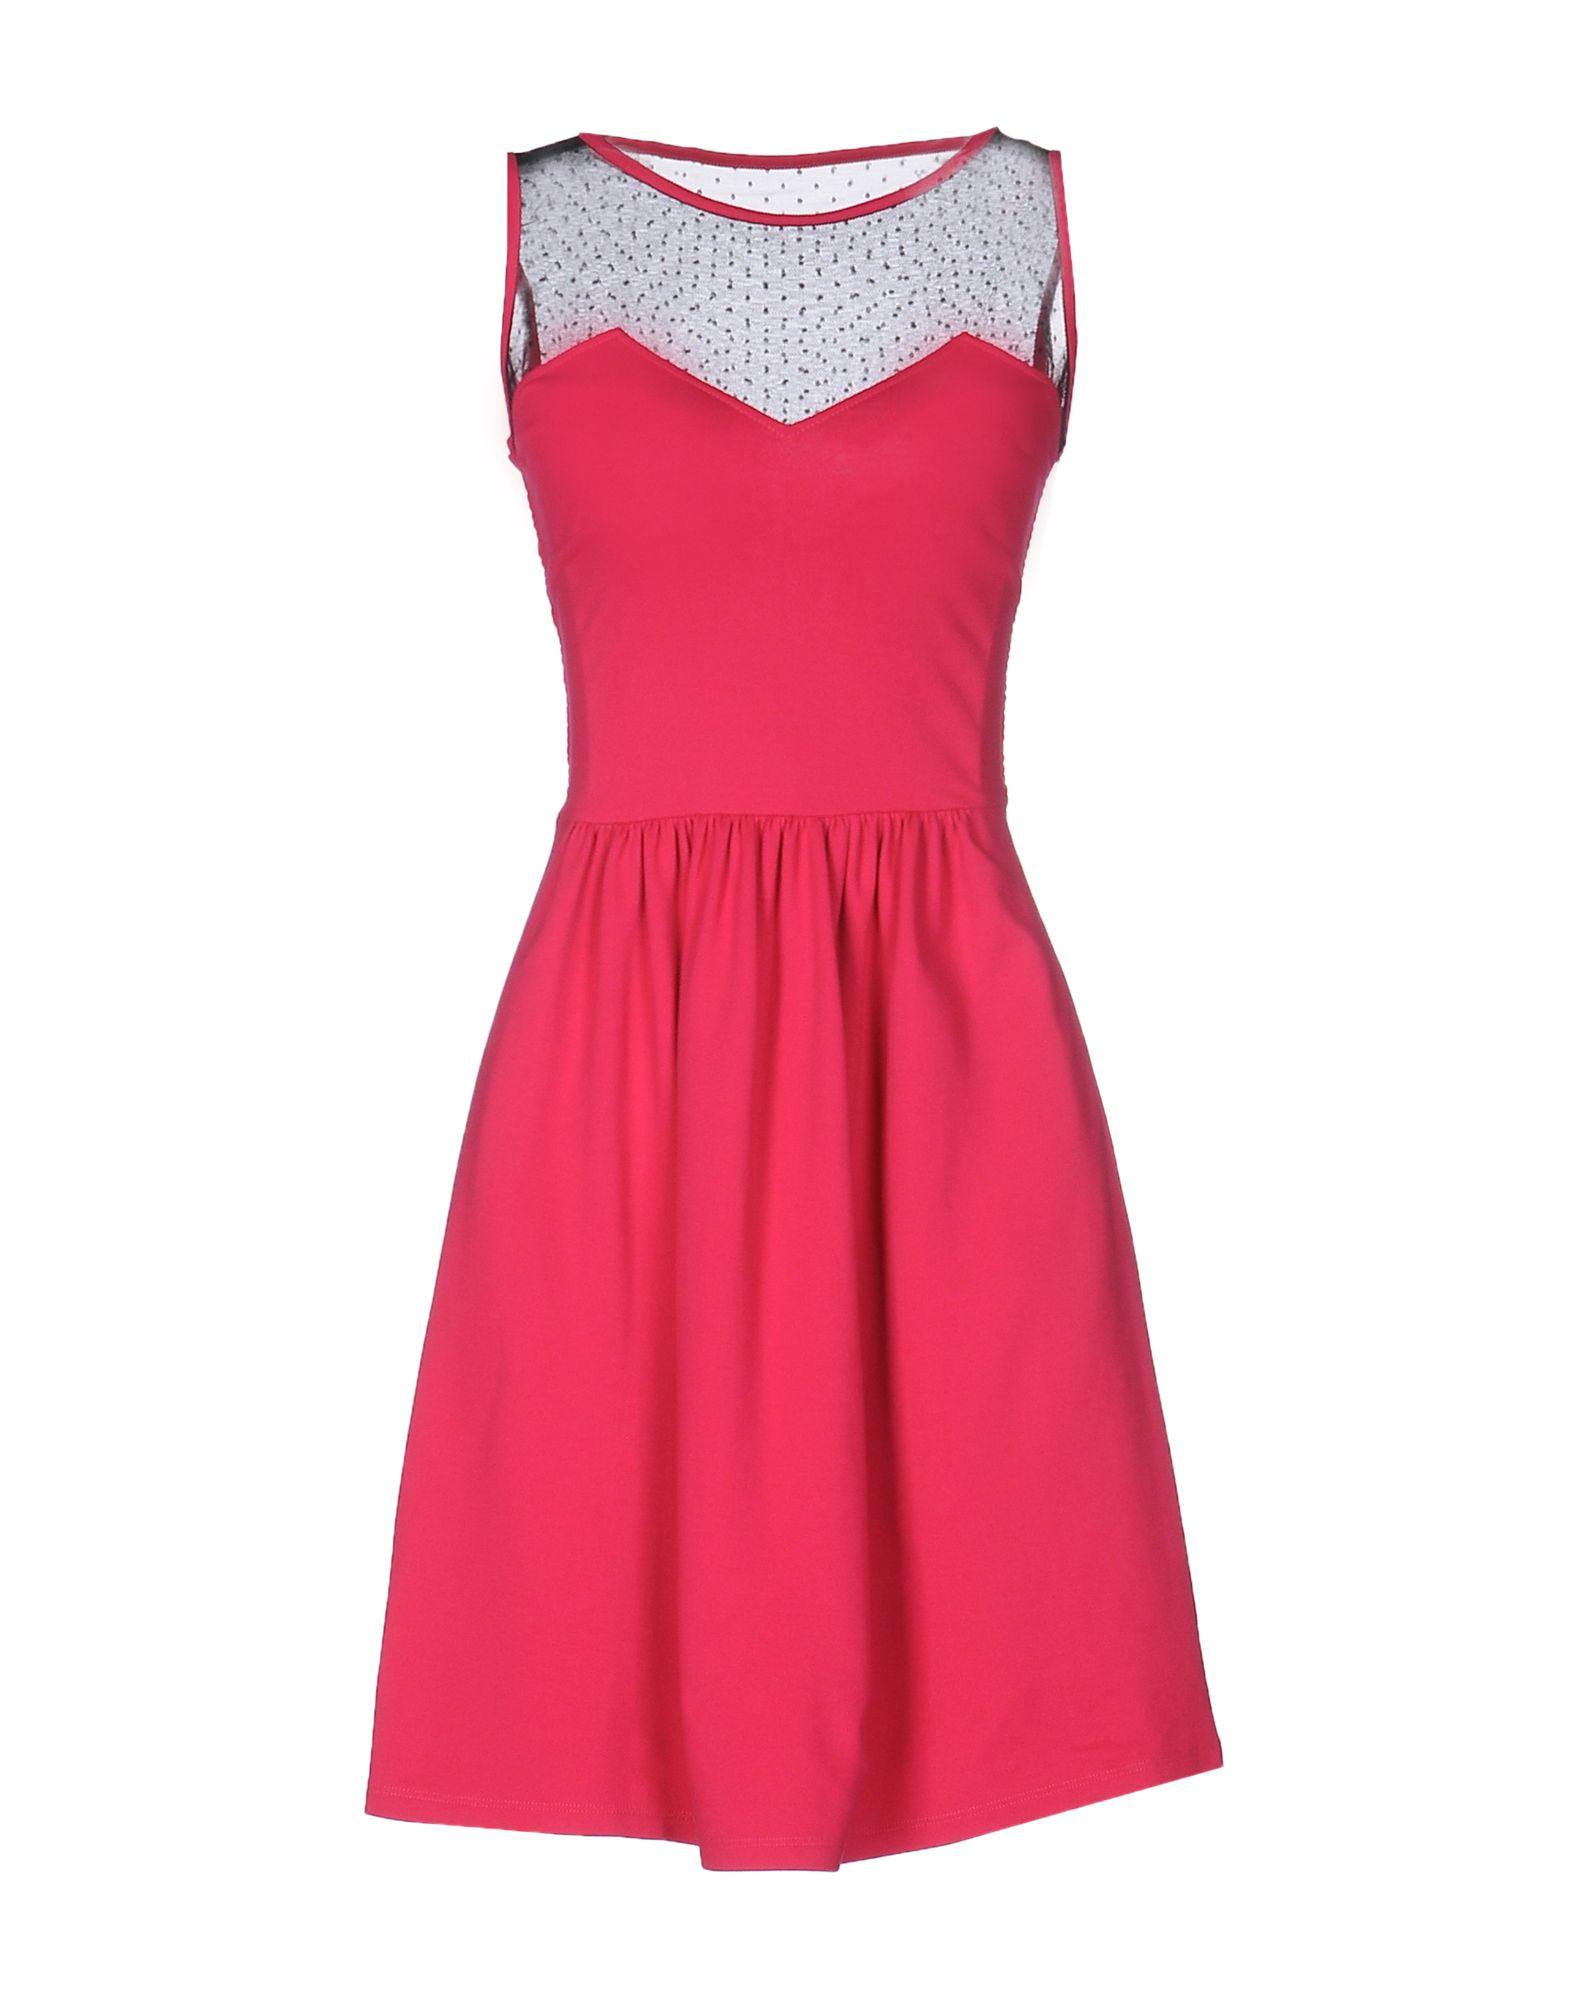 REDValentino Damen Kurzes Kleid Farbe Fuchsia Größe 7 jetztbilligerkaufen